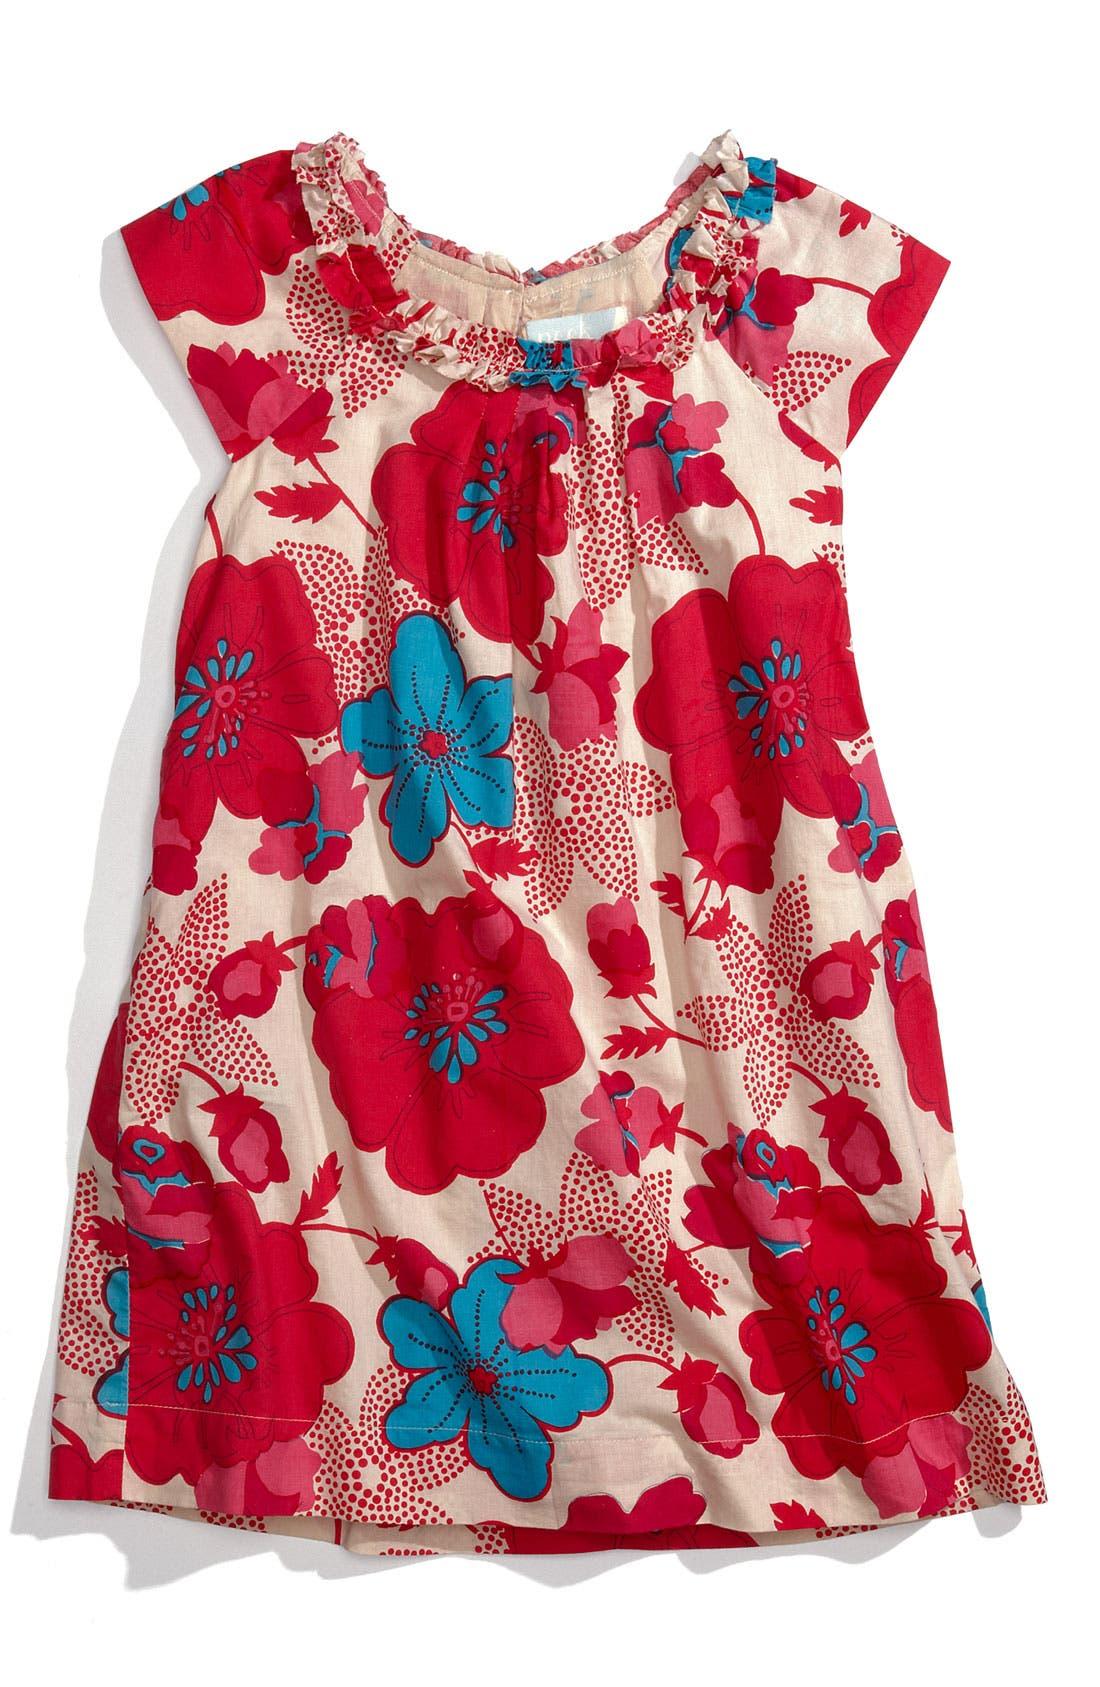 Main Image - Peek 'Palma' Dress (Toddler, Little Girls & Big Girls)